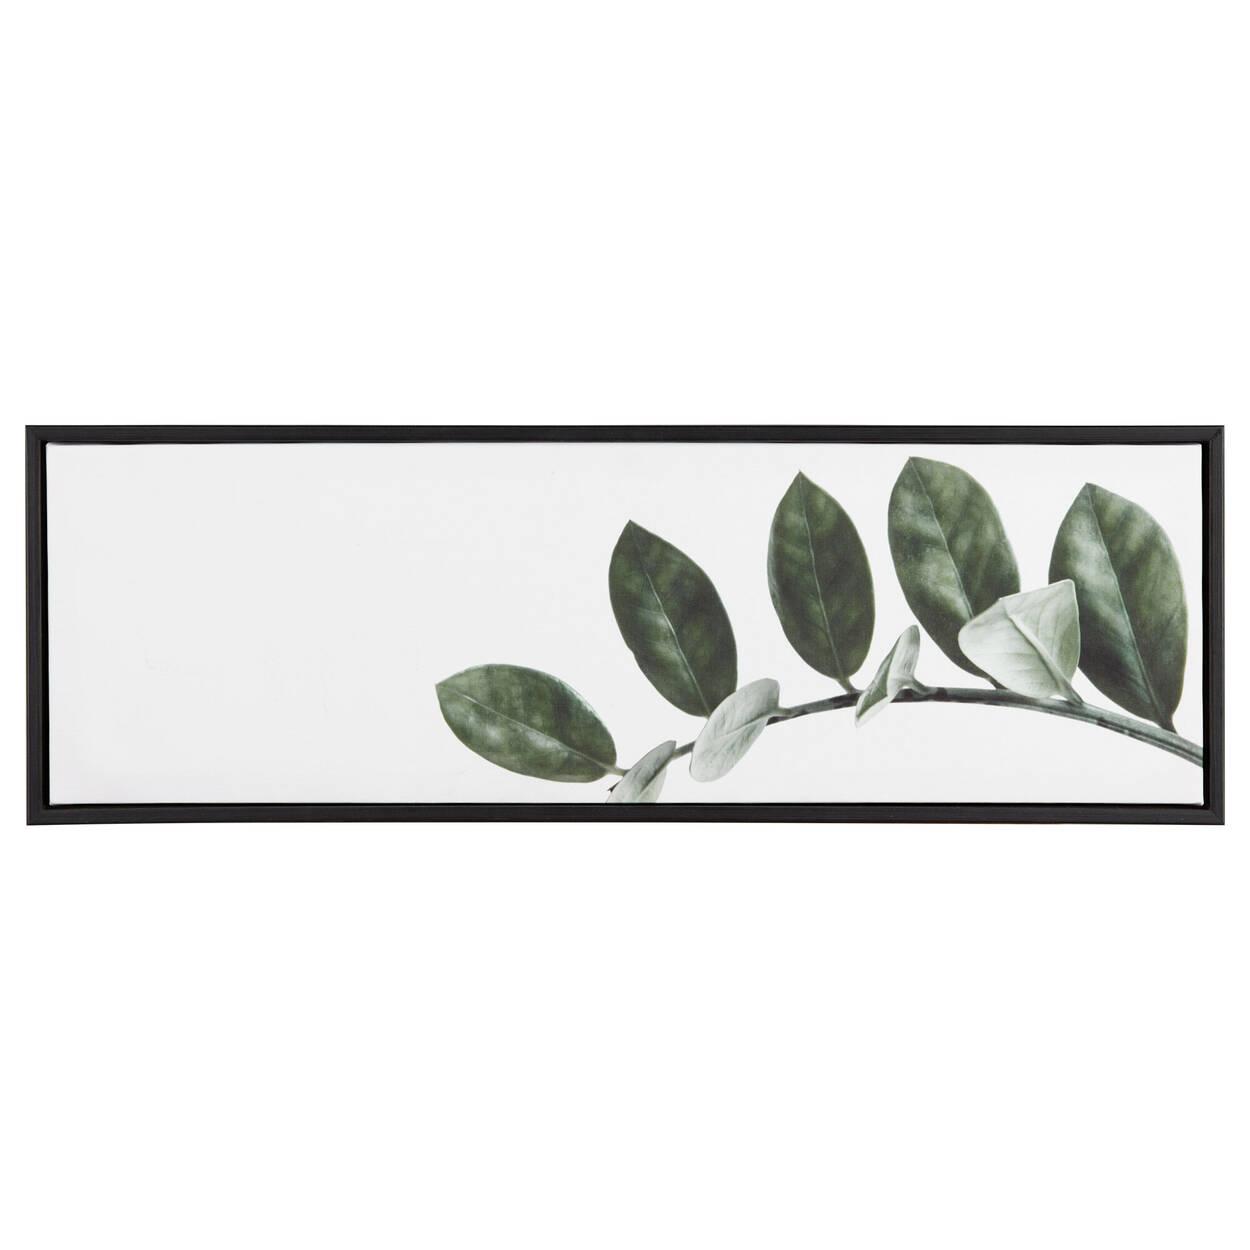 Vined Leaves Printed Framed Art